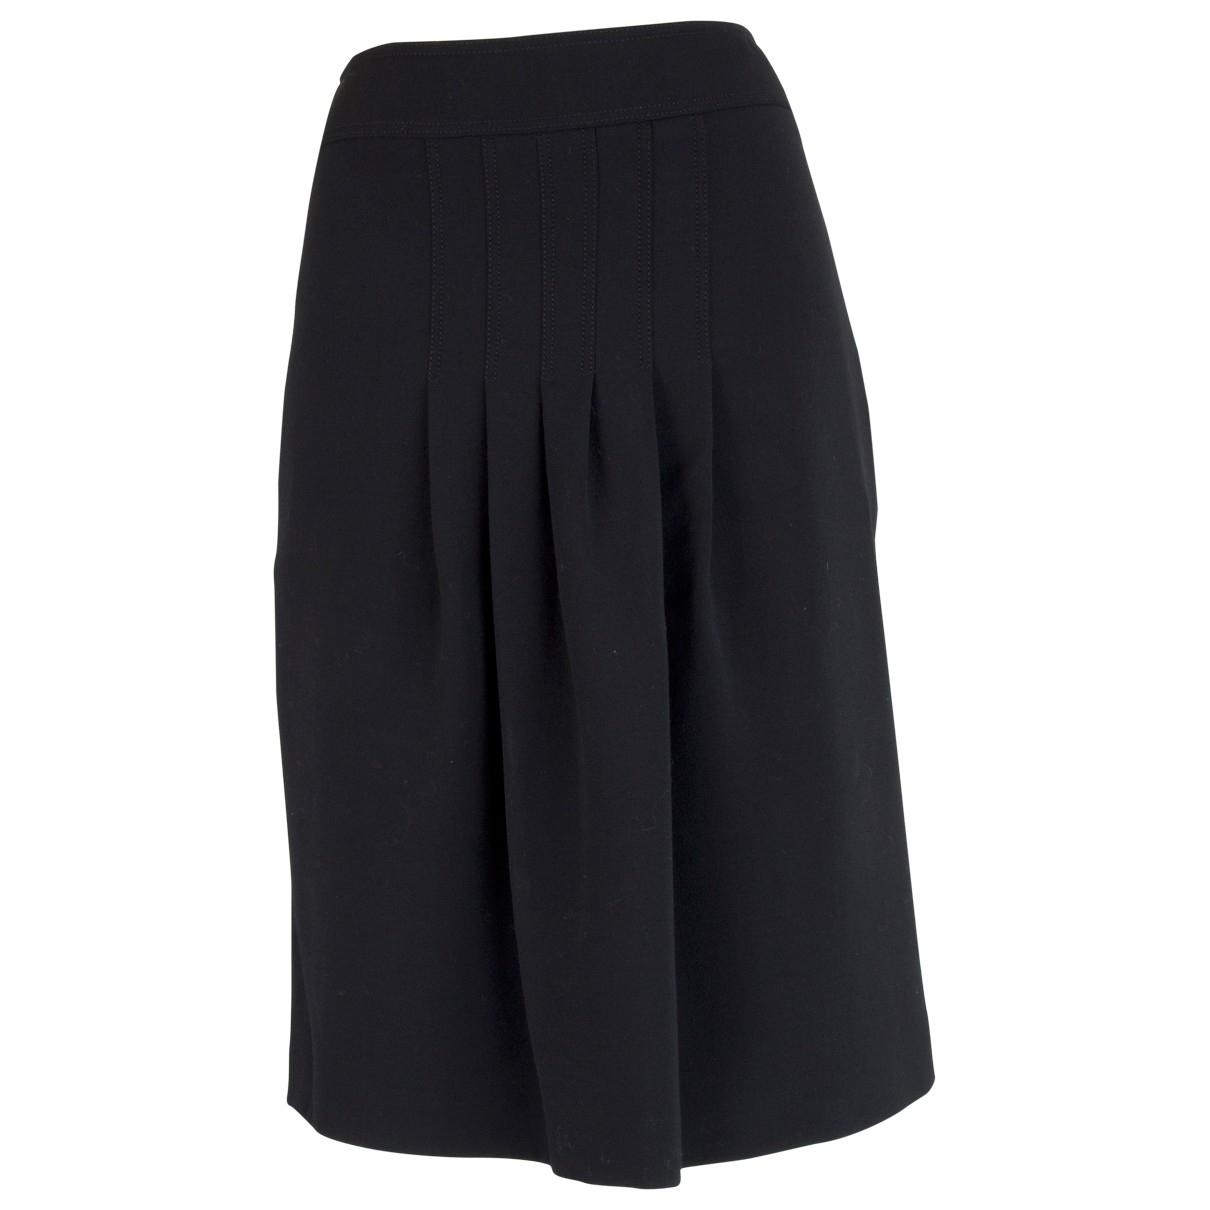 Burberry \N Black Wool skirt for Women 40 IT